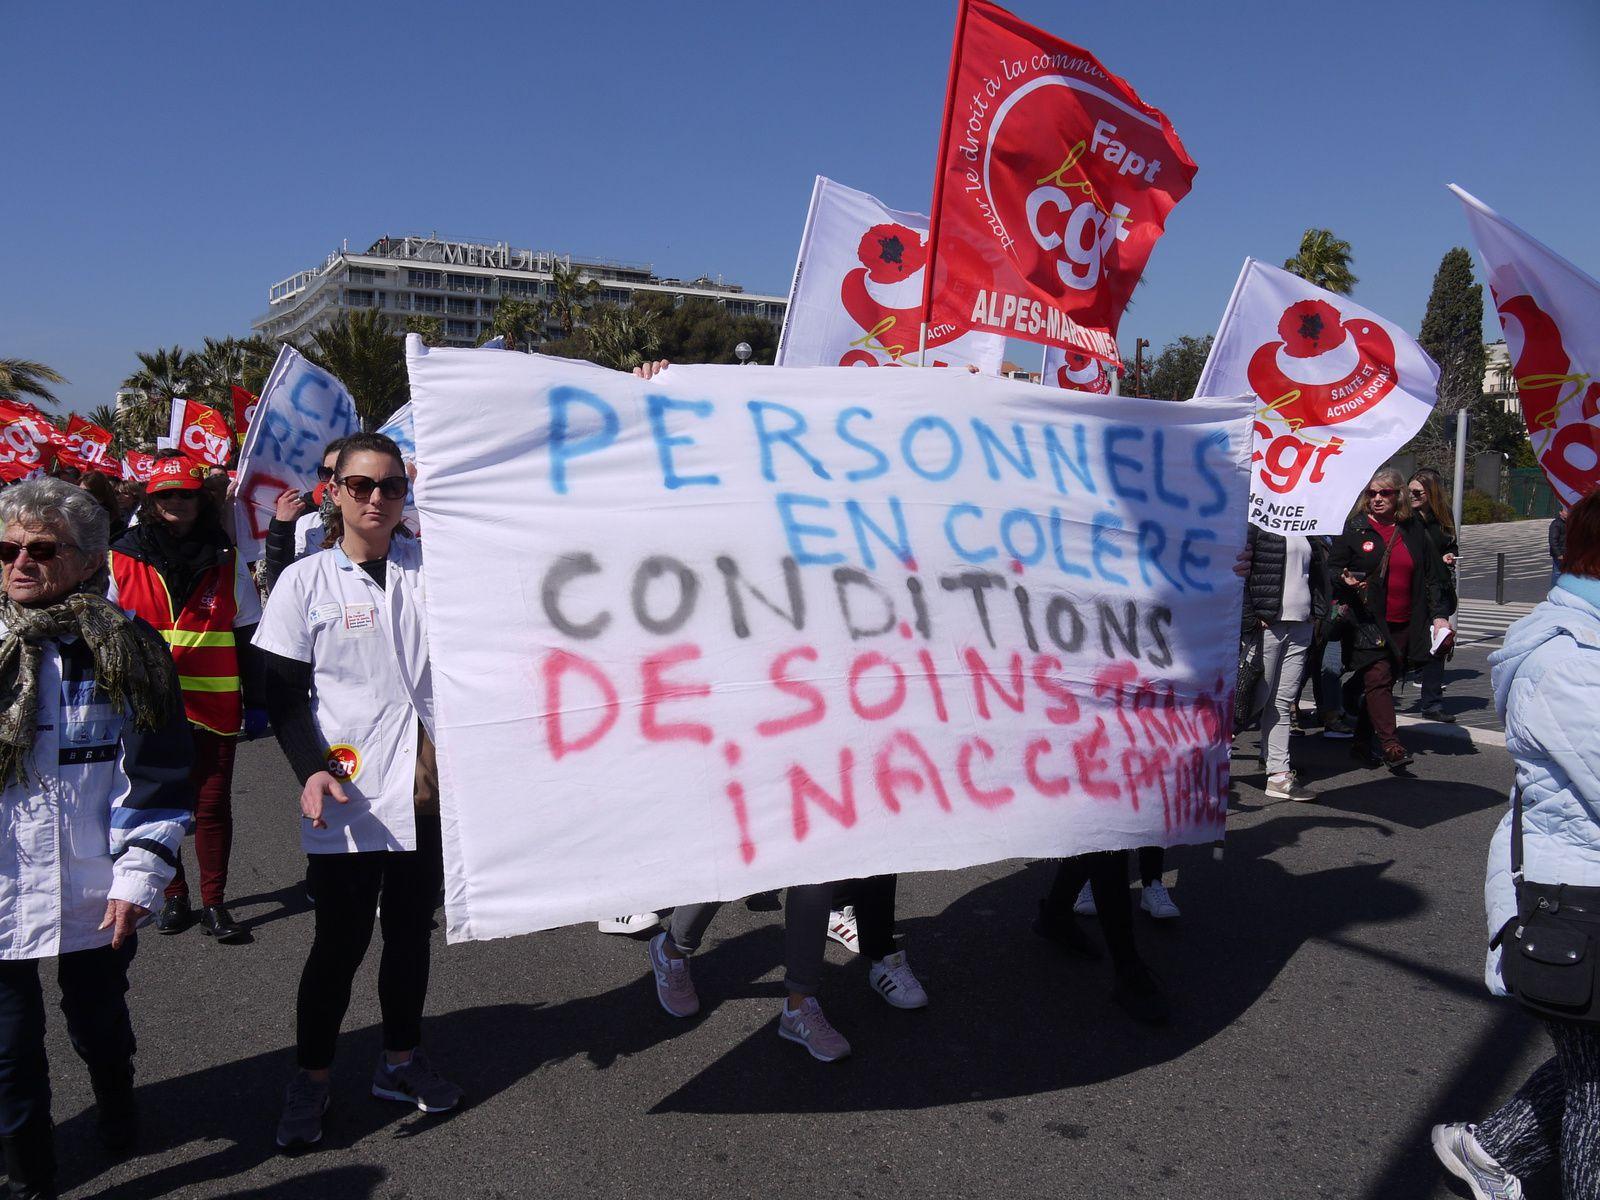 La manif du 22 mars à Nice en images...